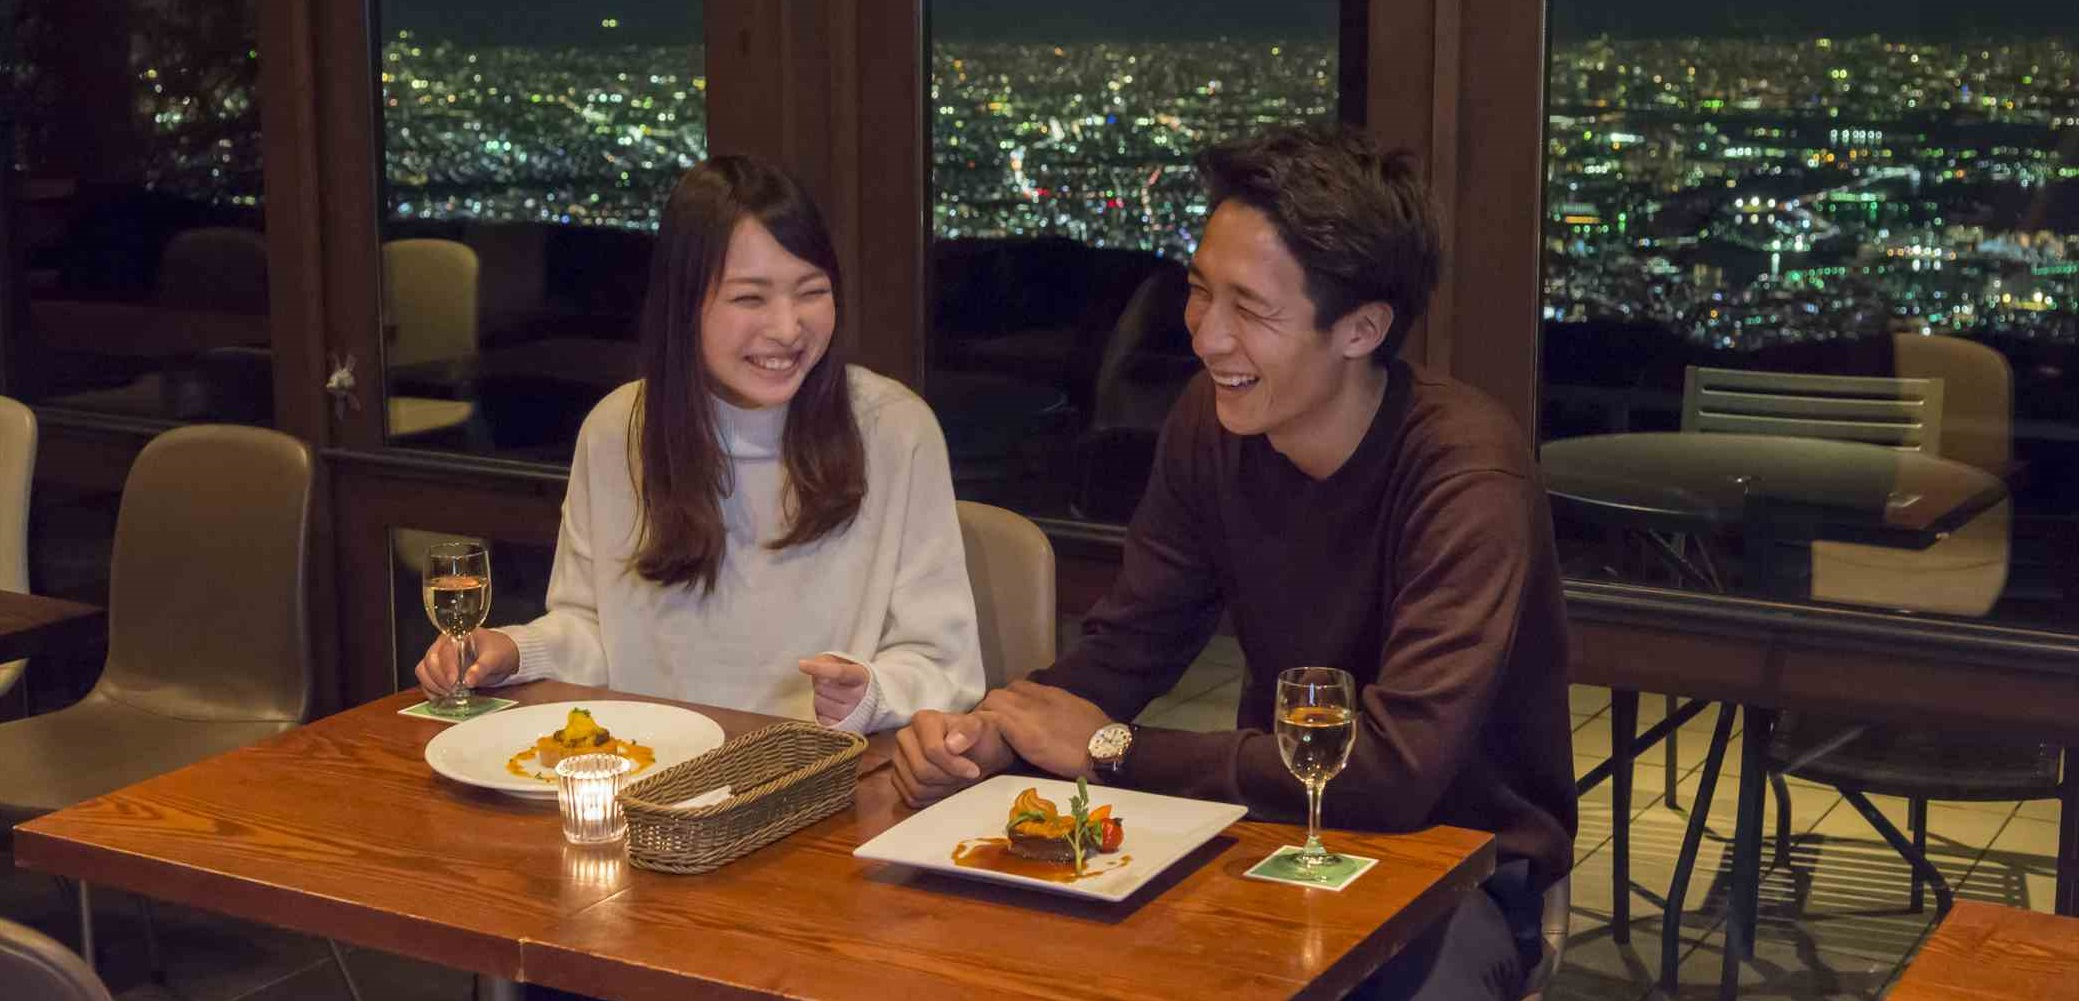 ≪11/3(火・祝)~予約受付開始!≫ X'mas Special Dinner at Mt. Rokko